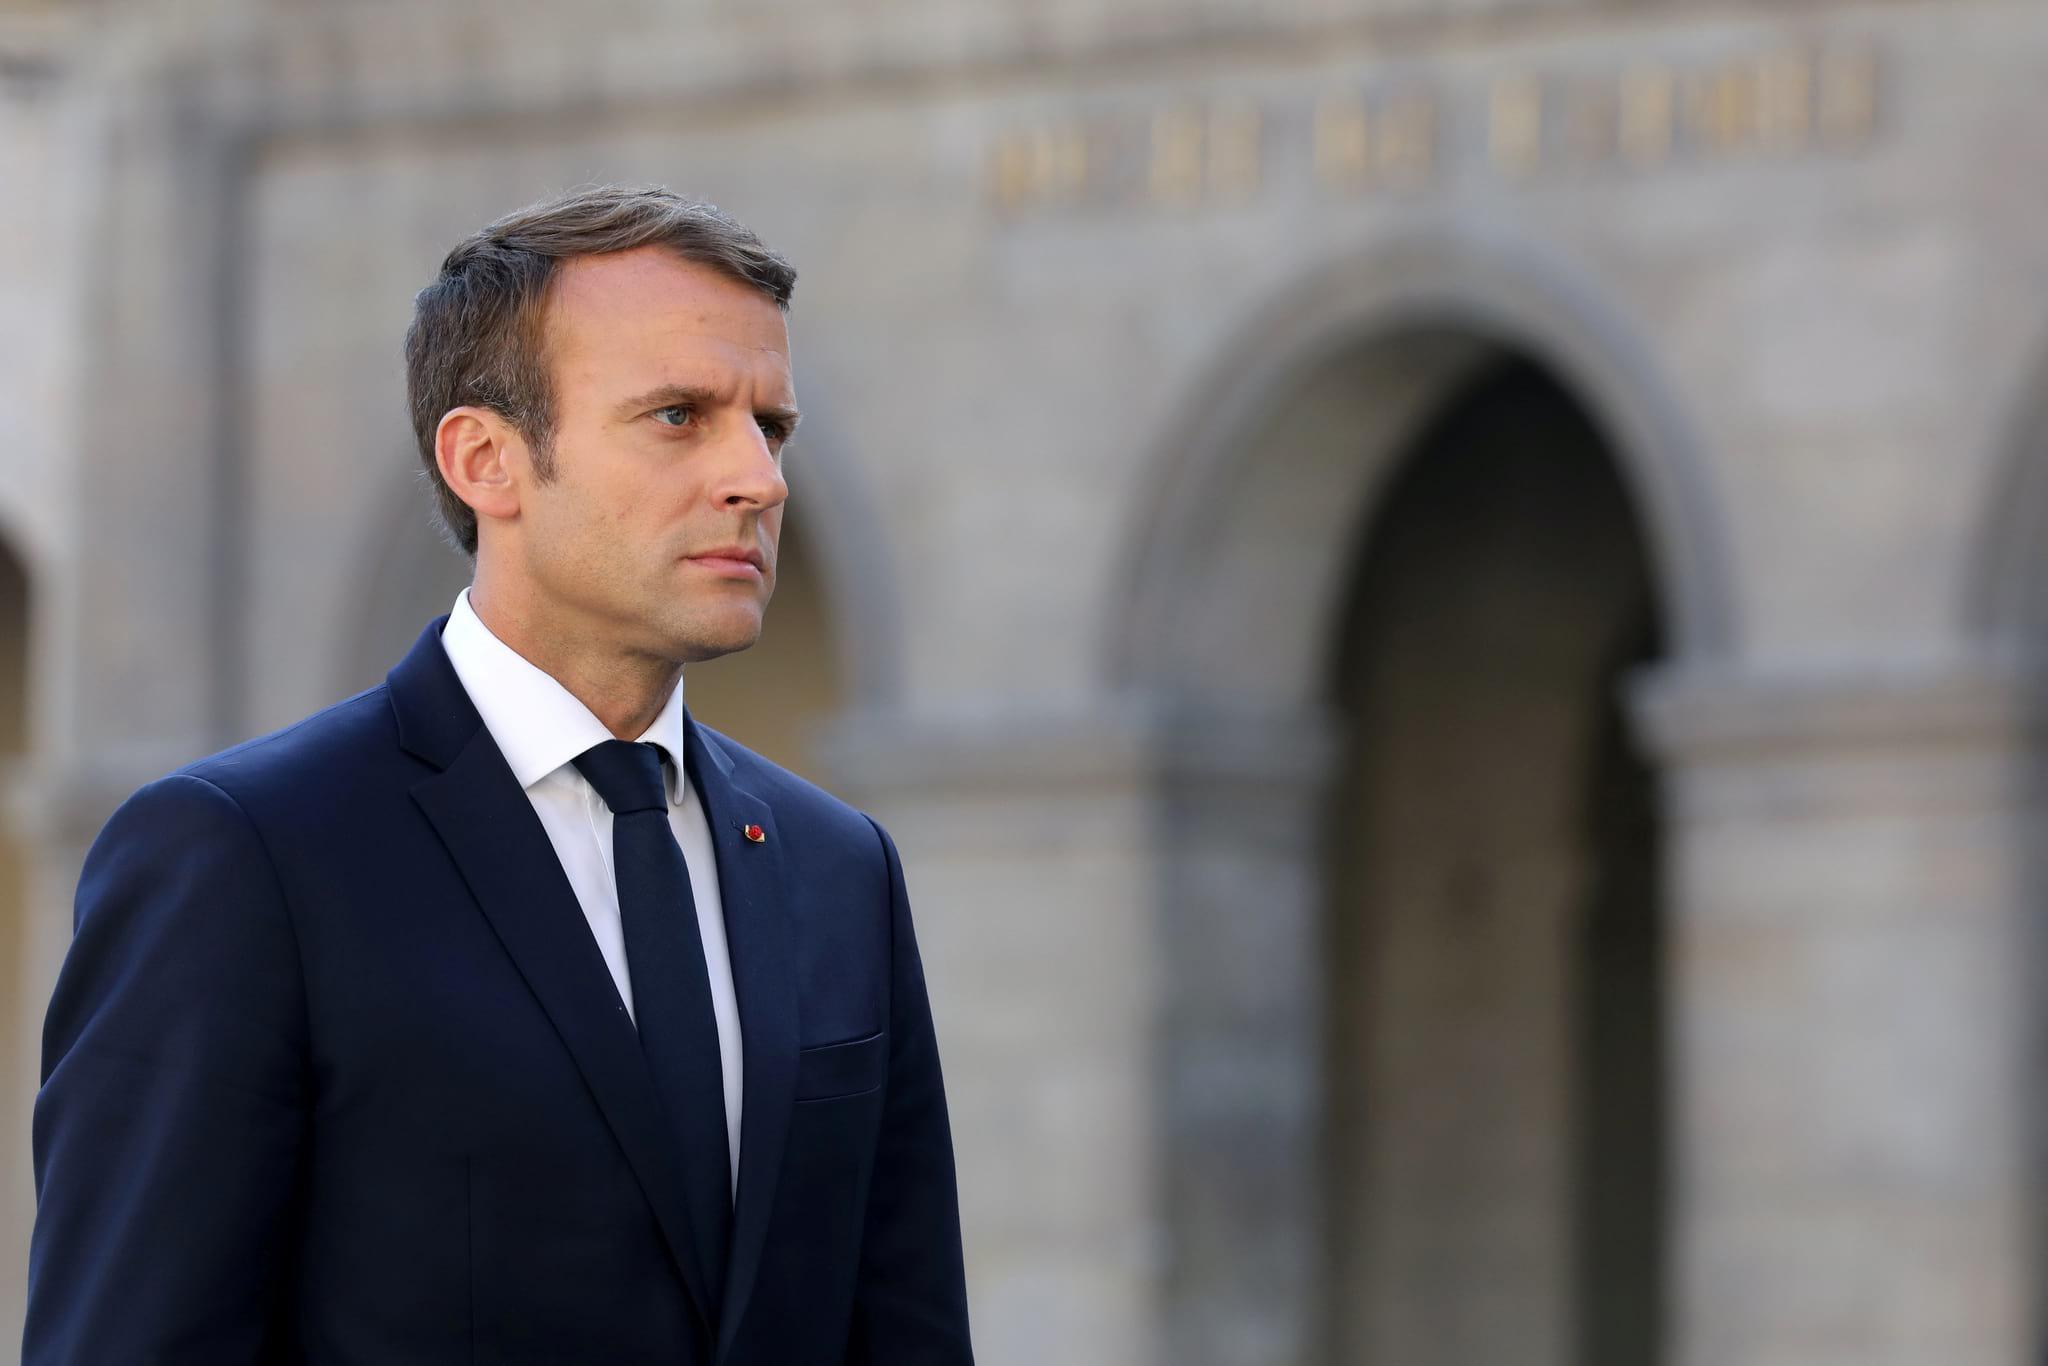 PÚBLICO - Macron sofre primeiro revés eleitoral na votação para o Senado